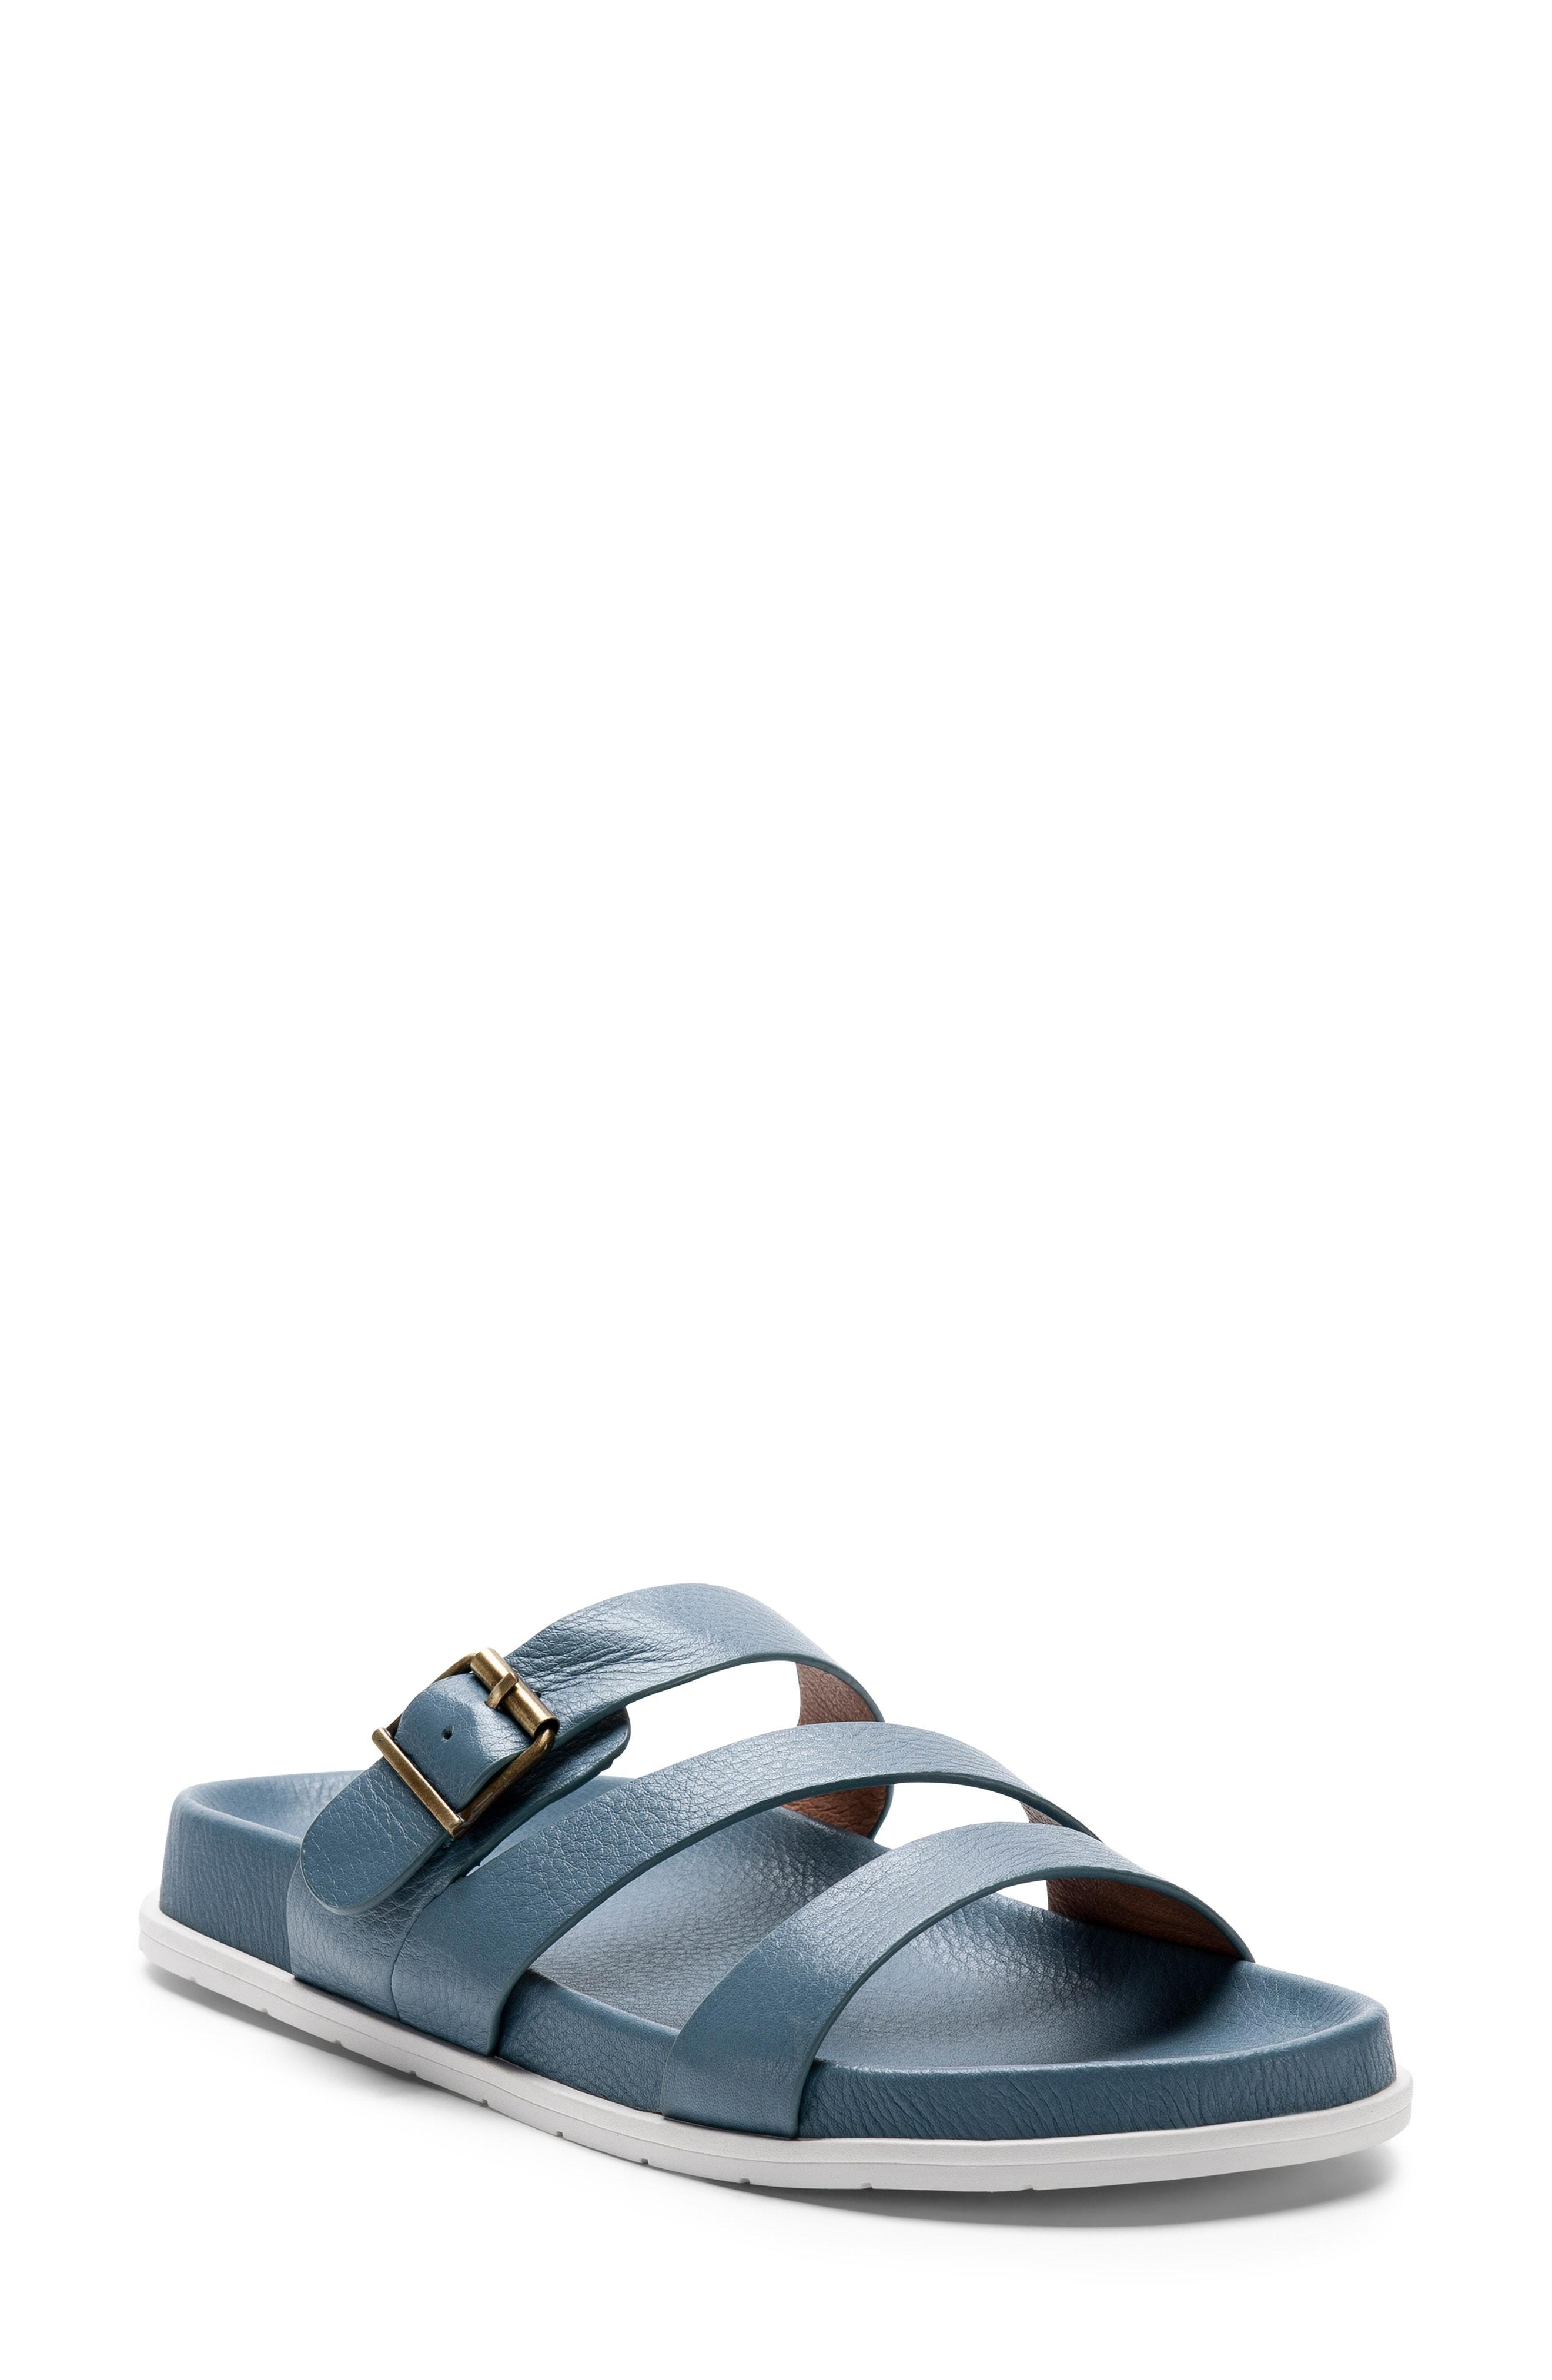 f183b8461335 Blondo. Women s Selma Waterproof Slide Sandal